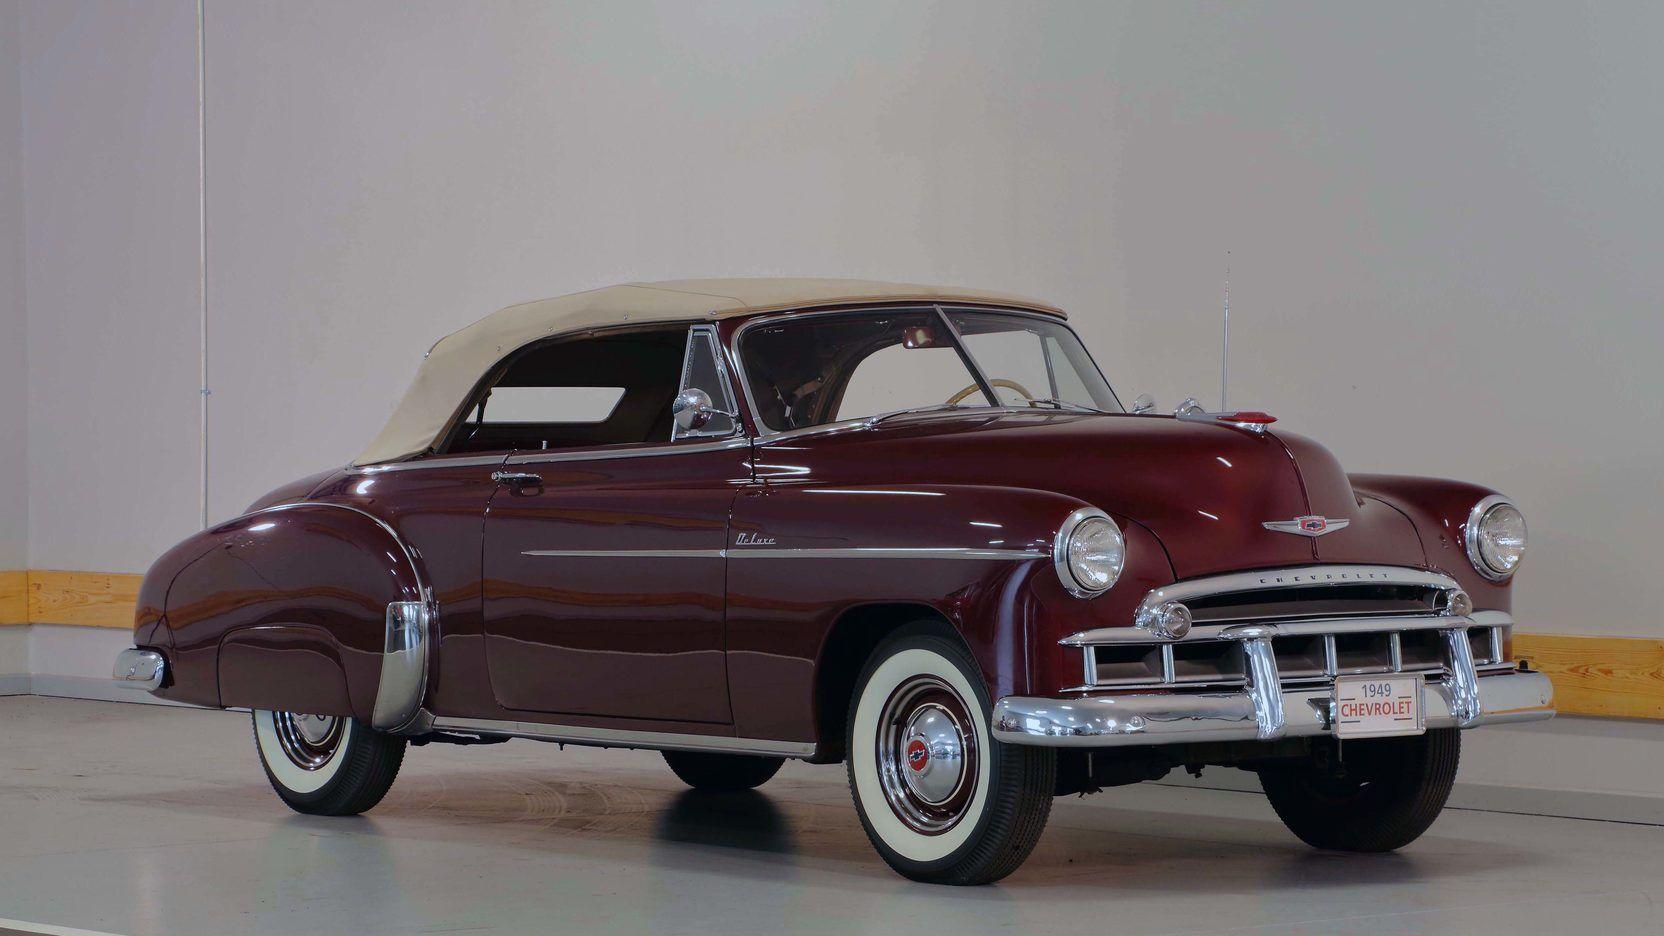 1949 Chevrolet Deluxe Convertible Autos Automoviles Autos Clasicos